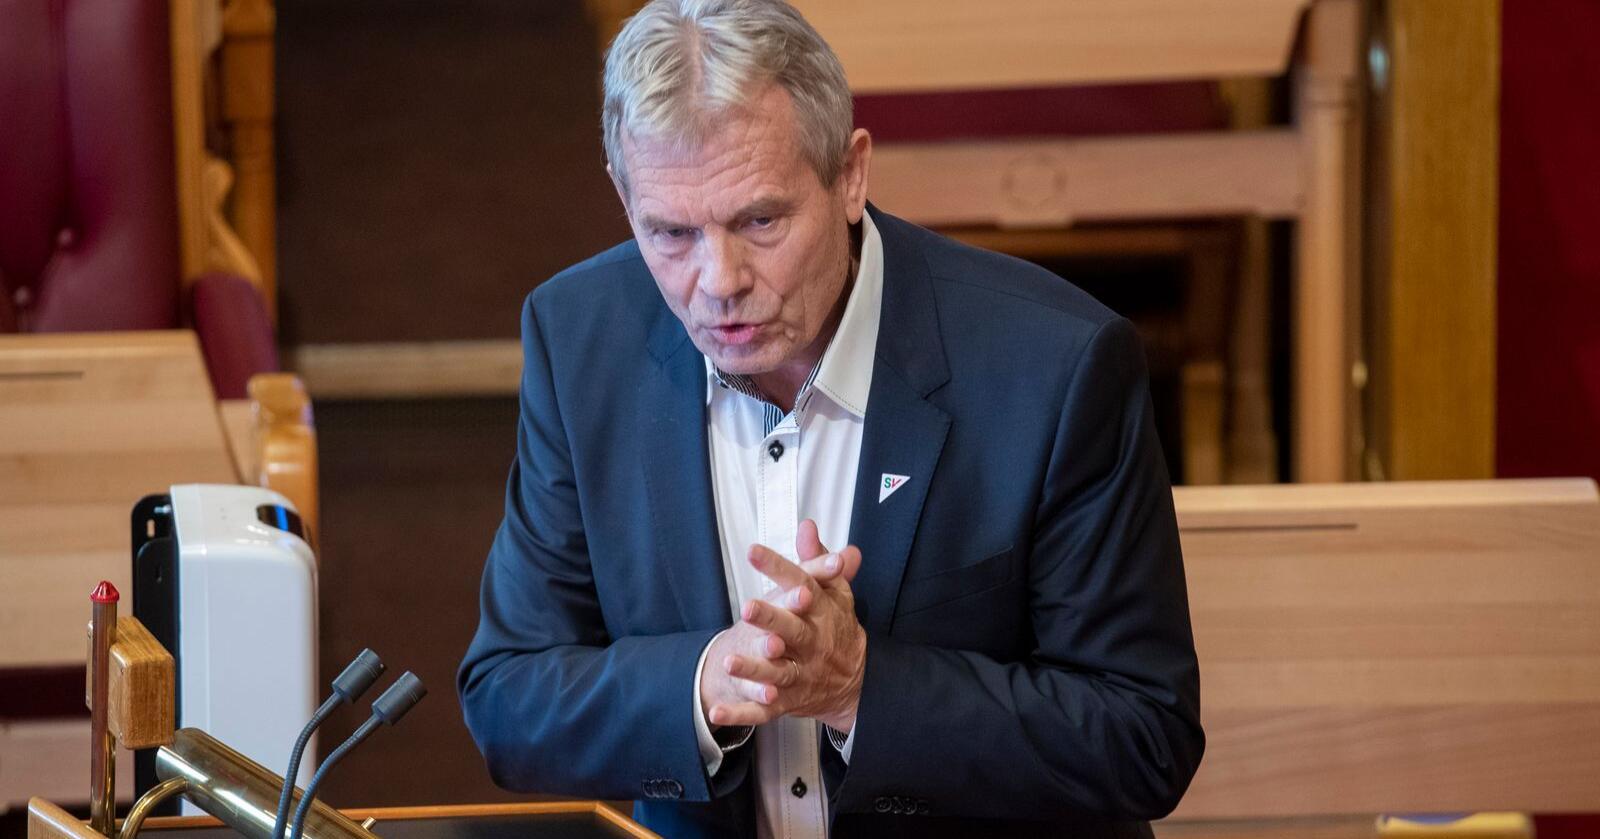 – Det har forundret mange at ledelsen i Mattilsynet har sittet så stille og tatt imot kritikk, uten å peke på den store ressursmangelen, sier Arne Nævra (SV). Foto: Terje Pedersen / NTB